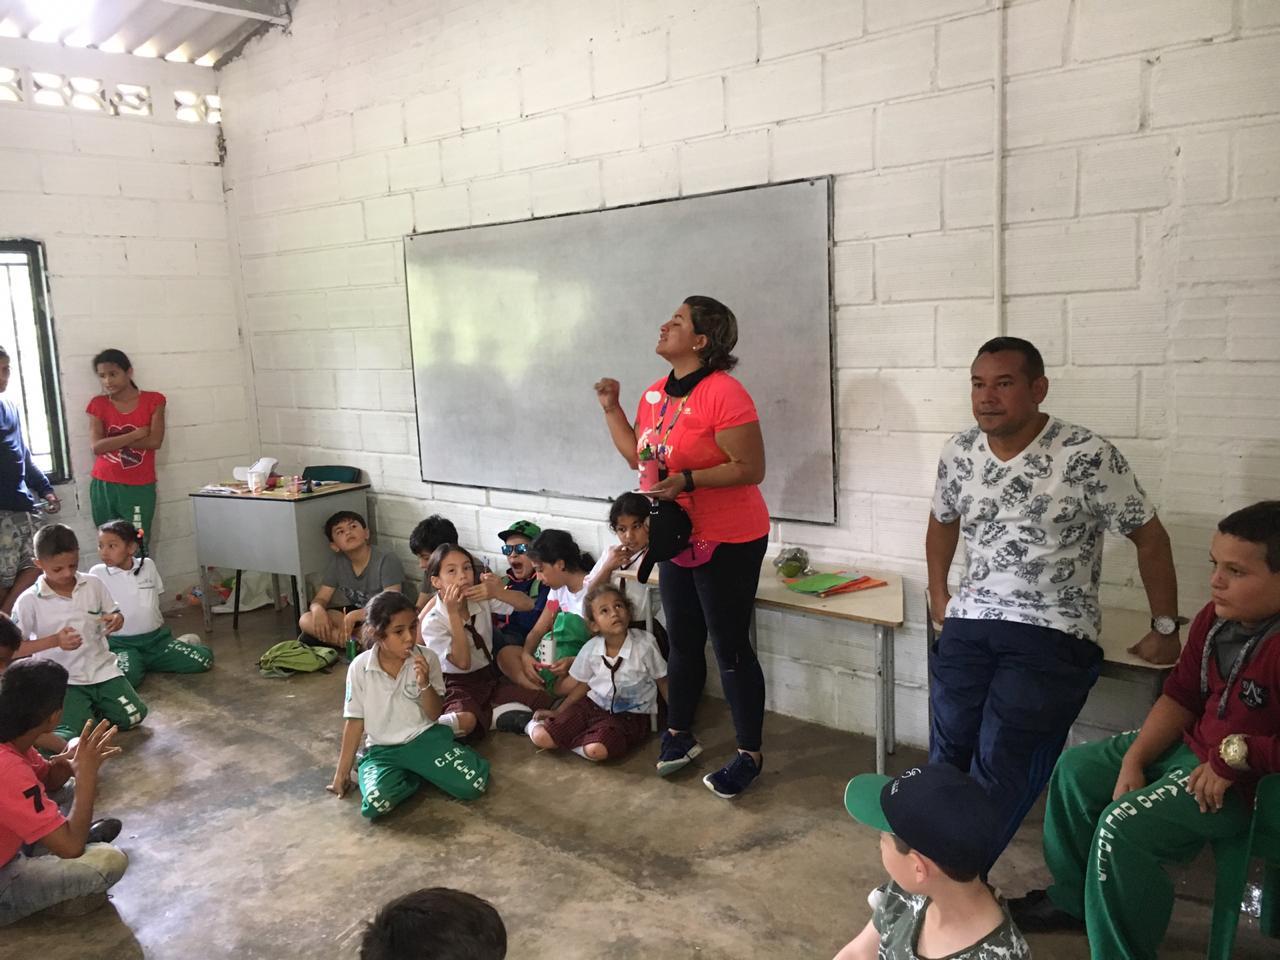 Conexión social Antioquia